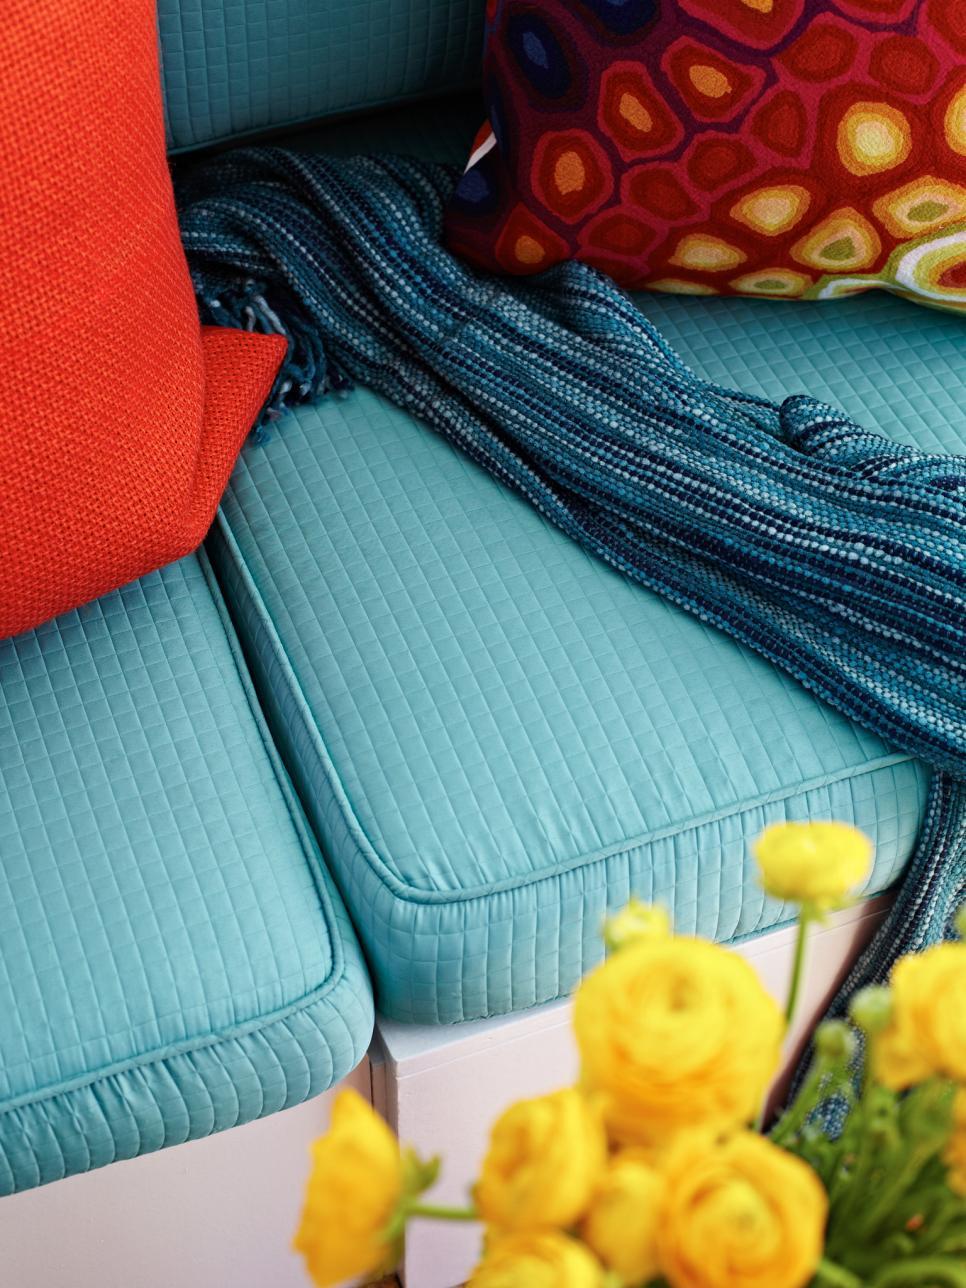 Aqua boat upholstery